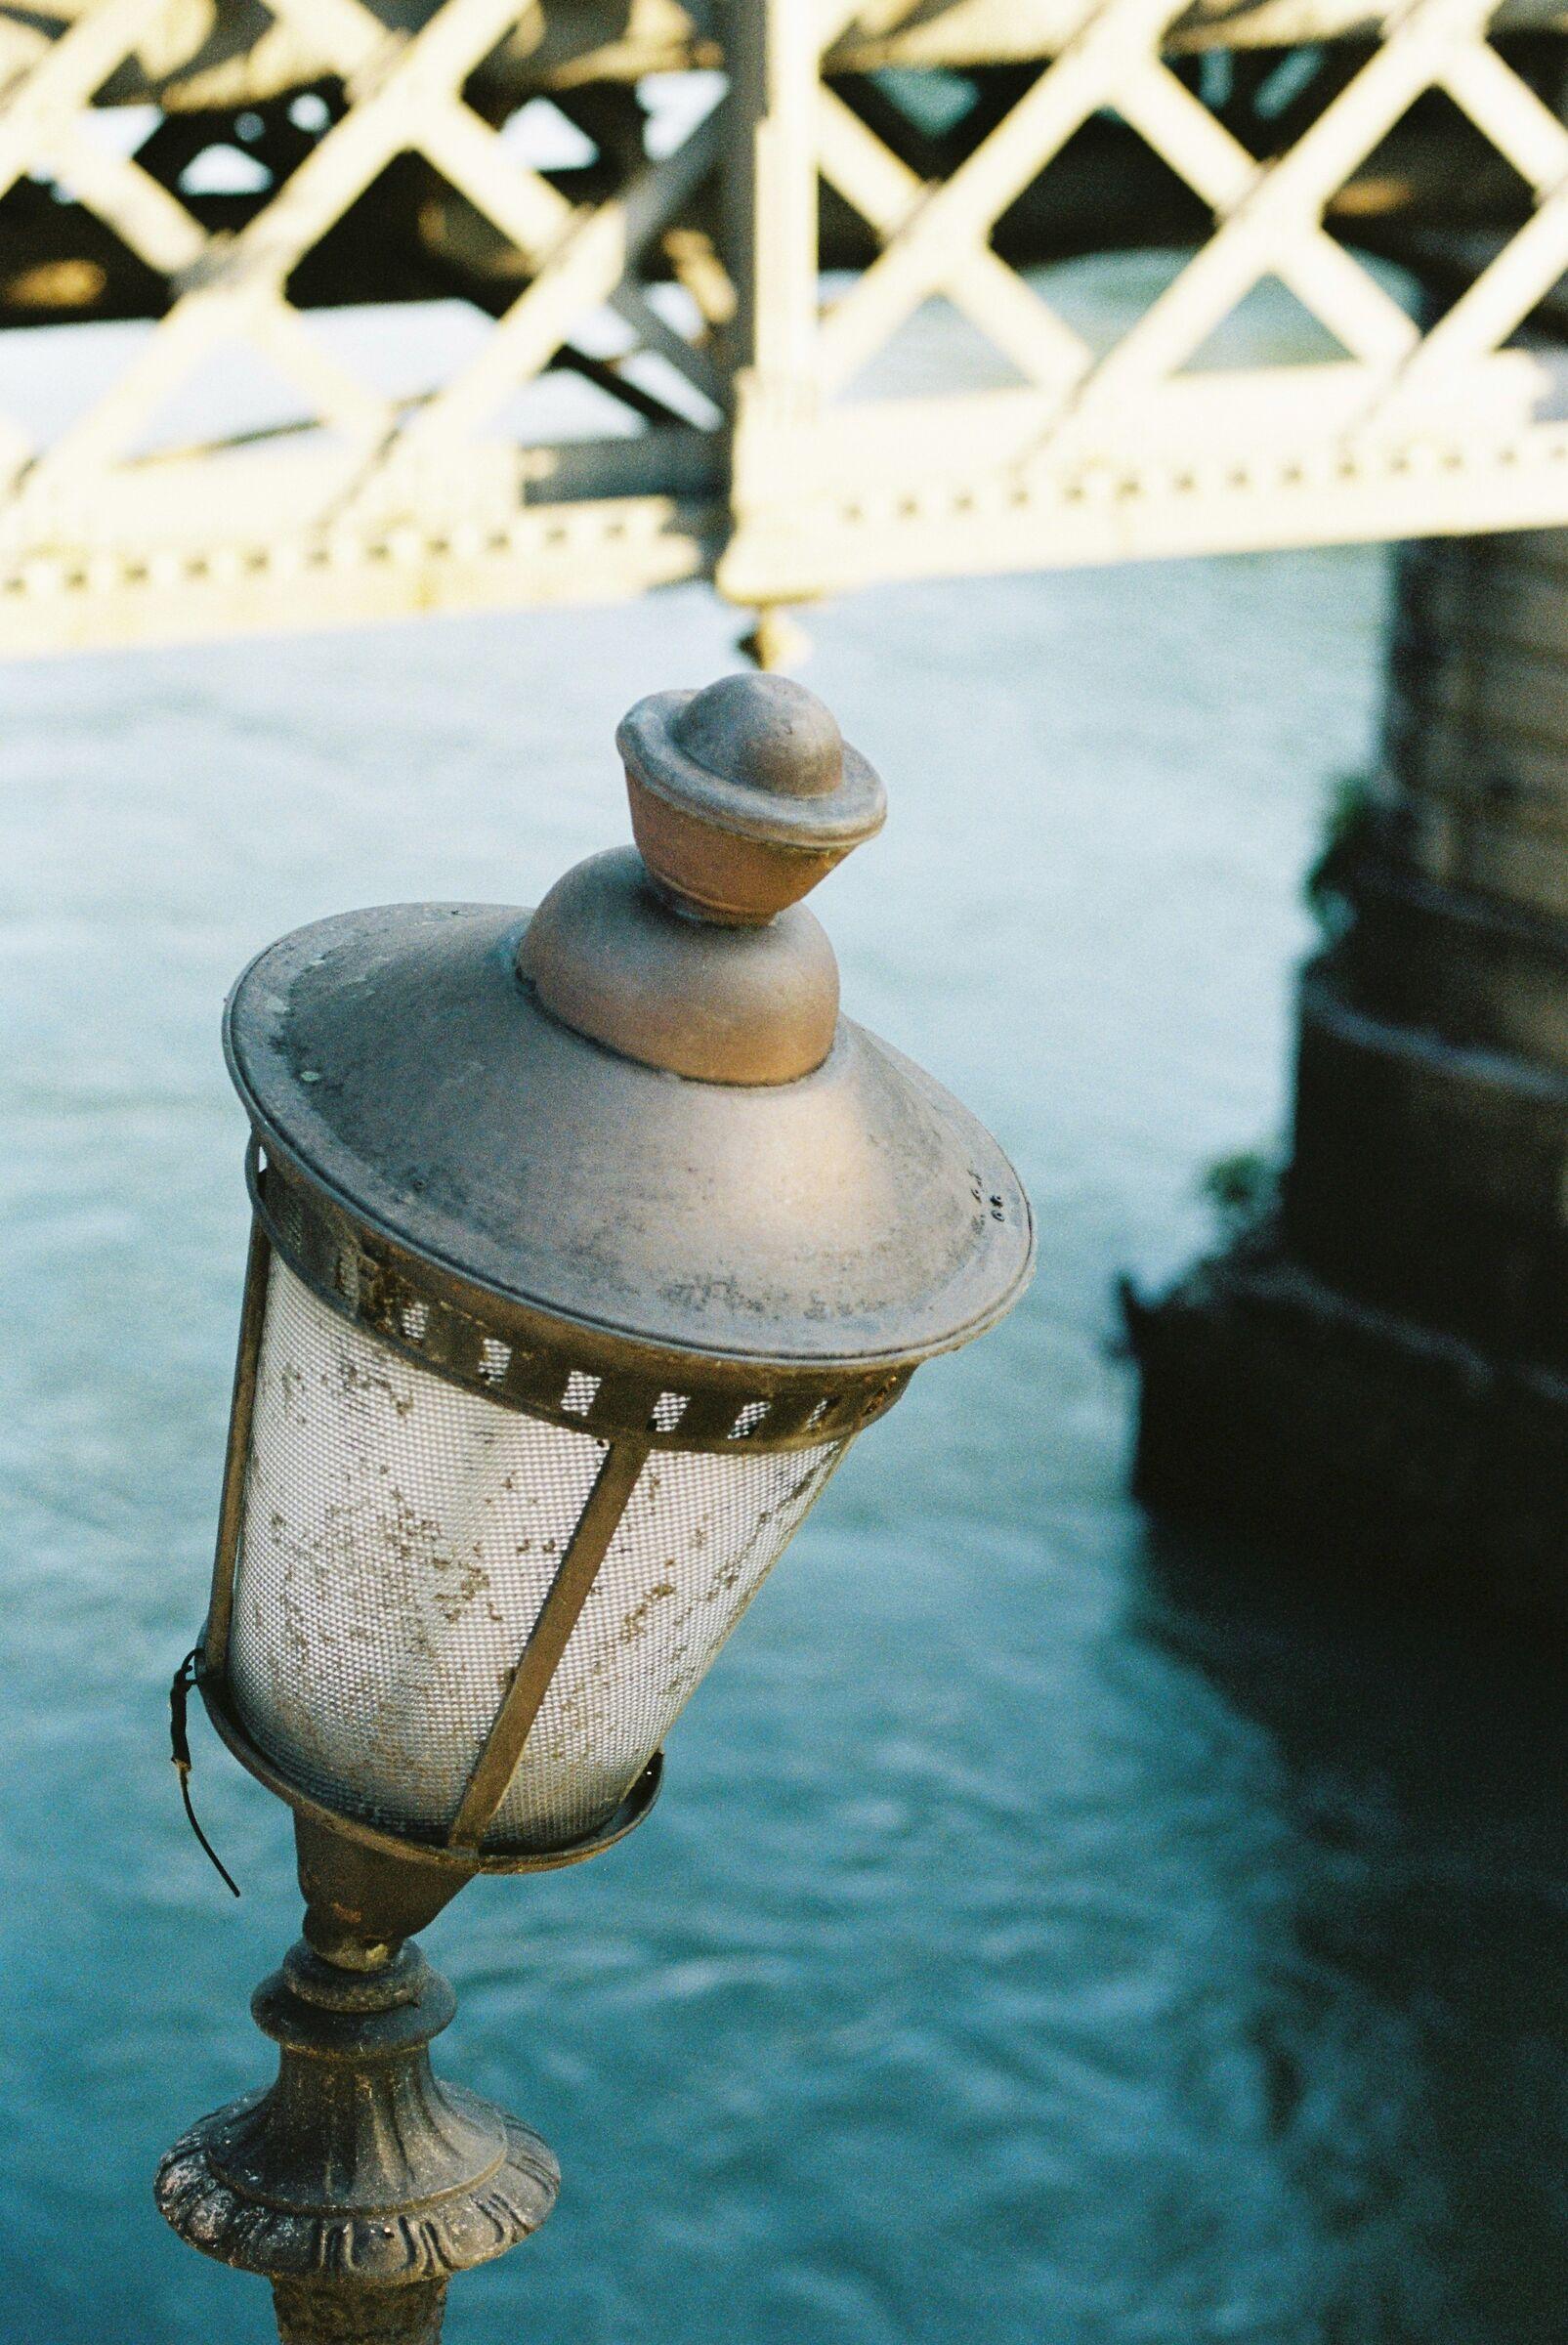 Tiber embankment lamp...